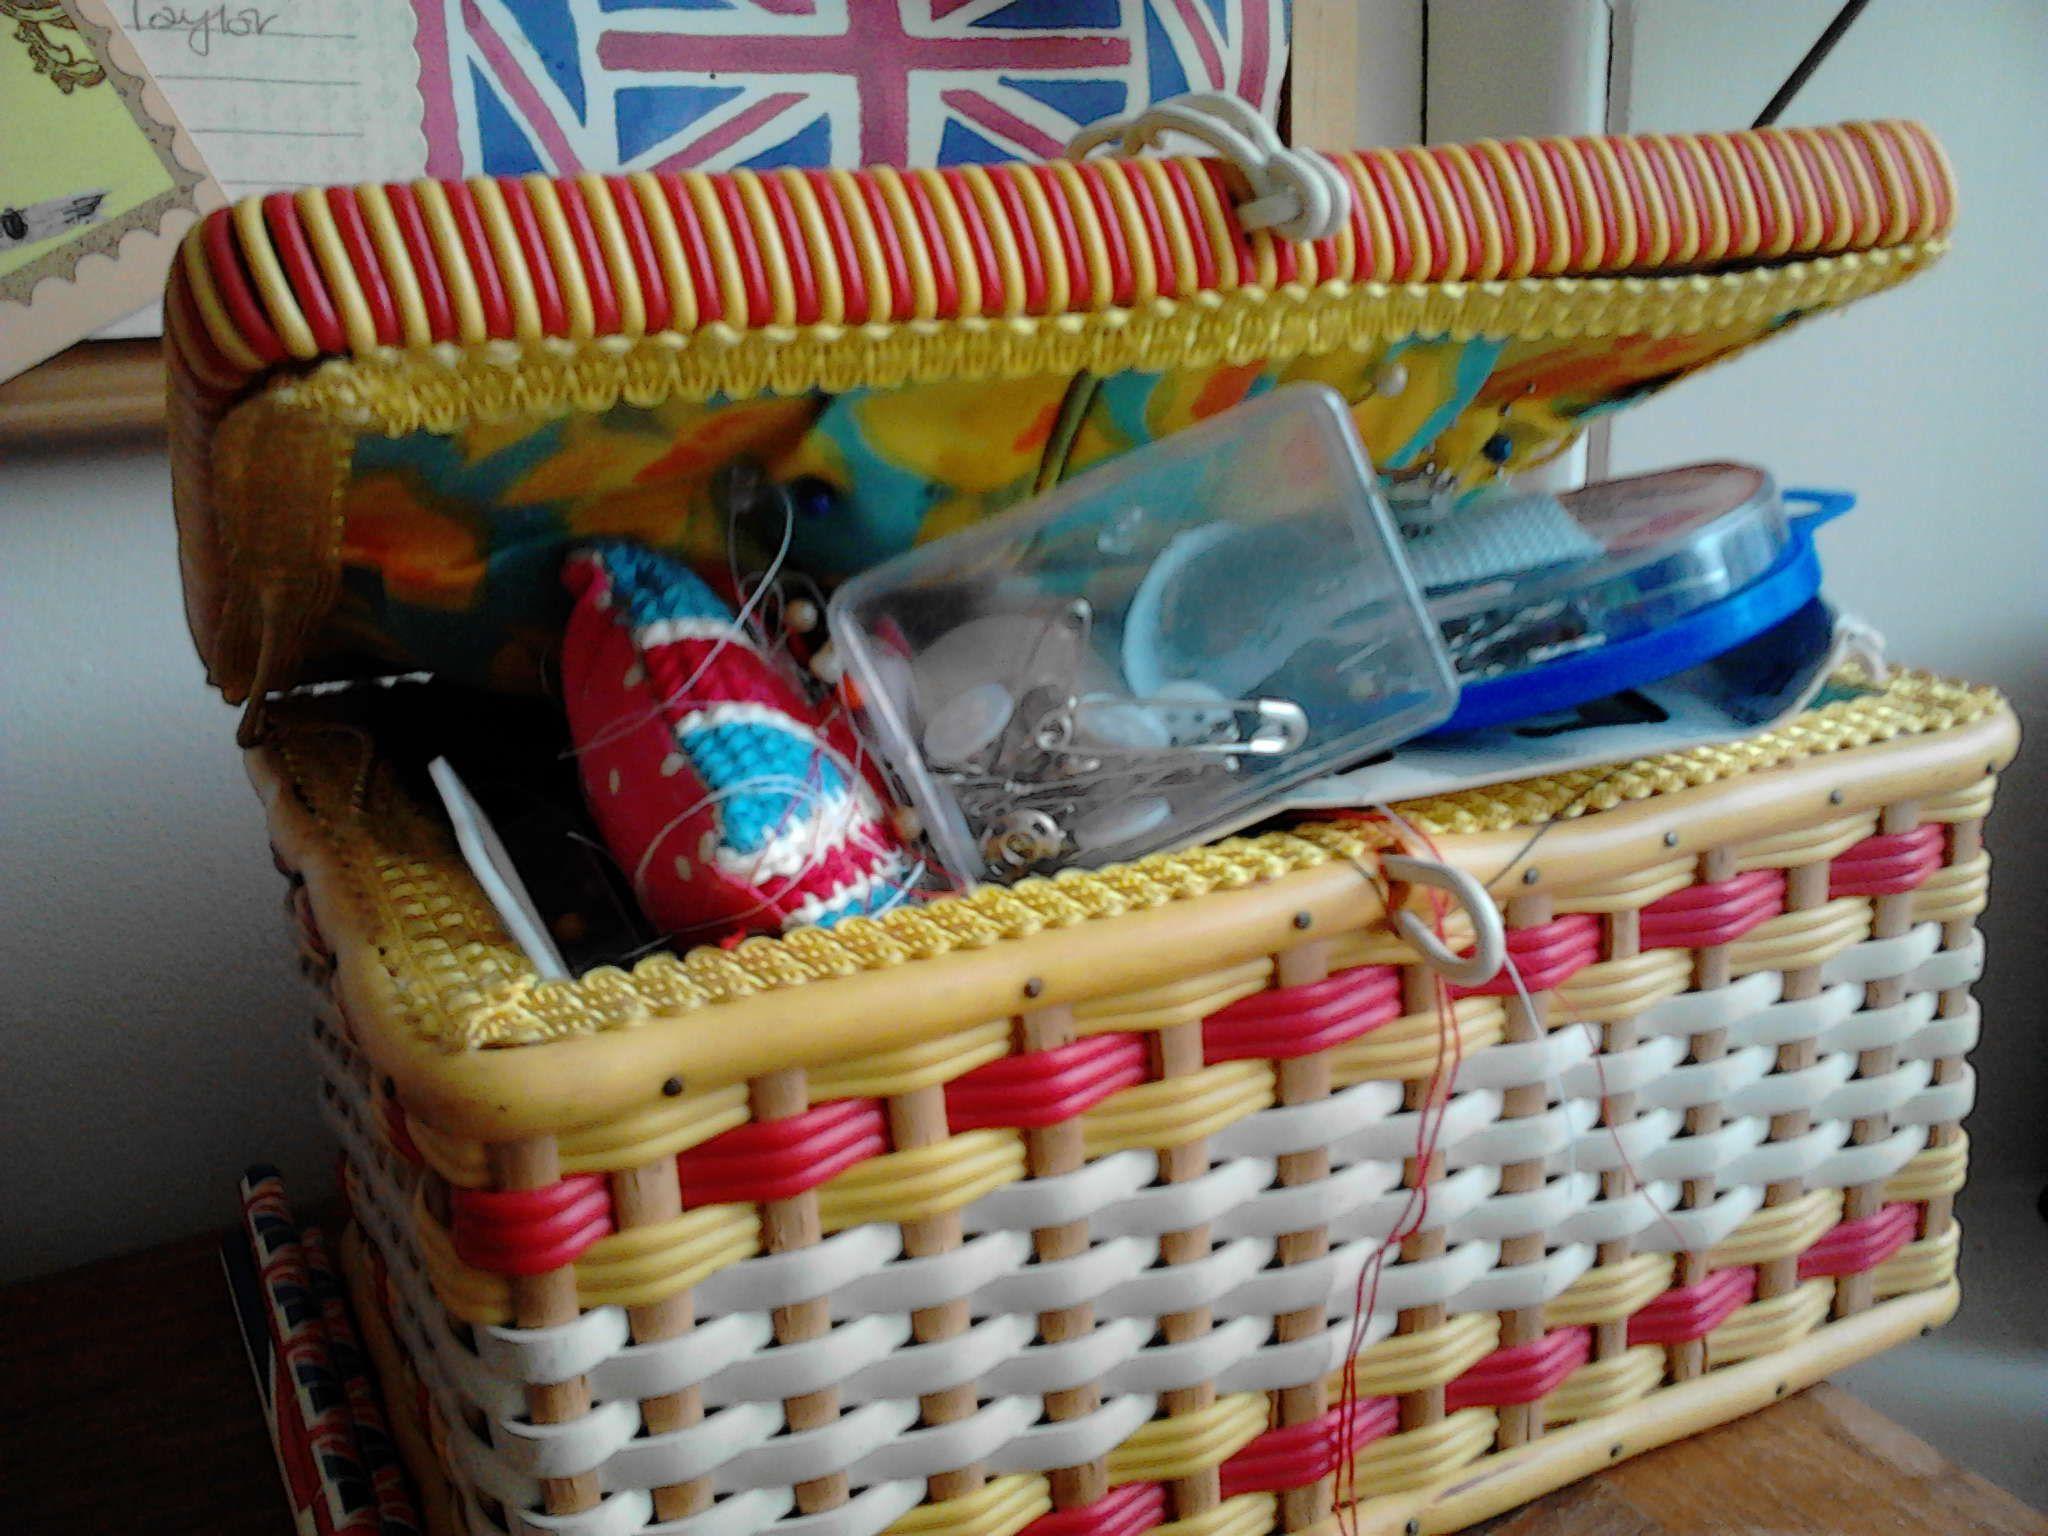 vintage sewing basket <3 it